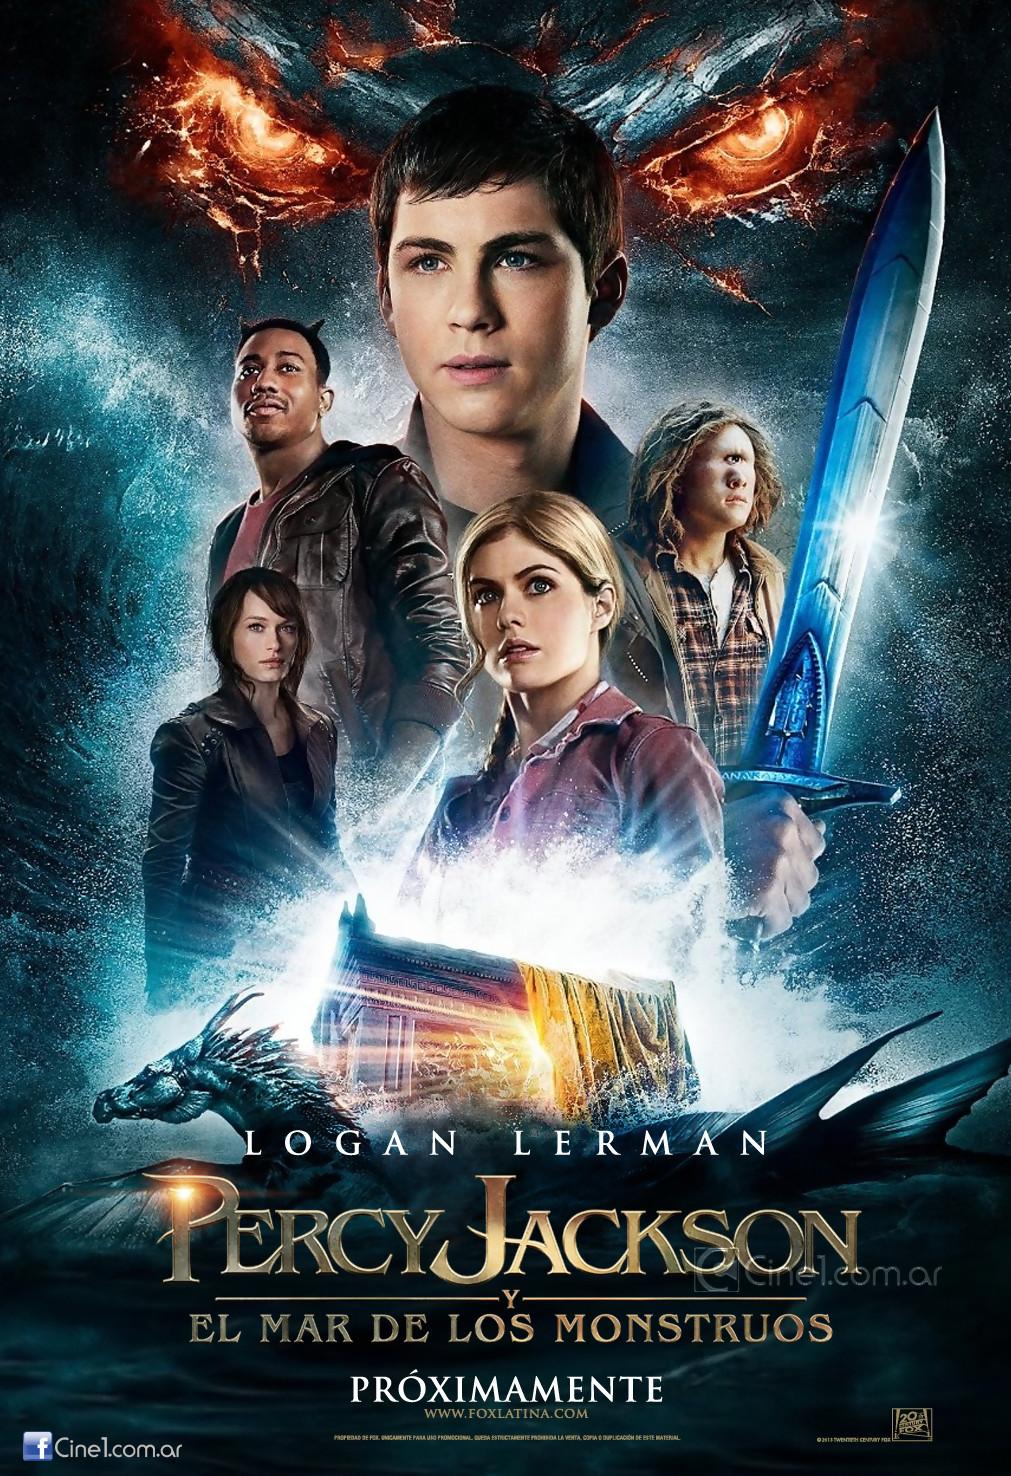 Percy Jackson 3 : le film est annulé